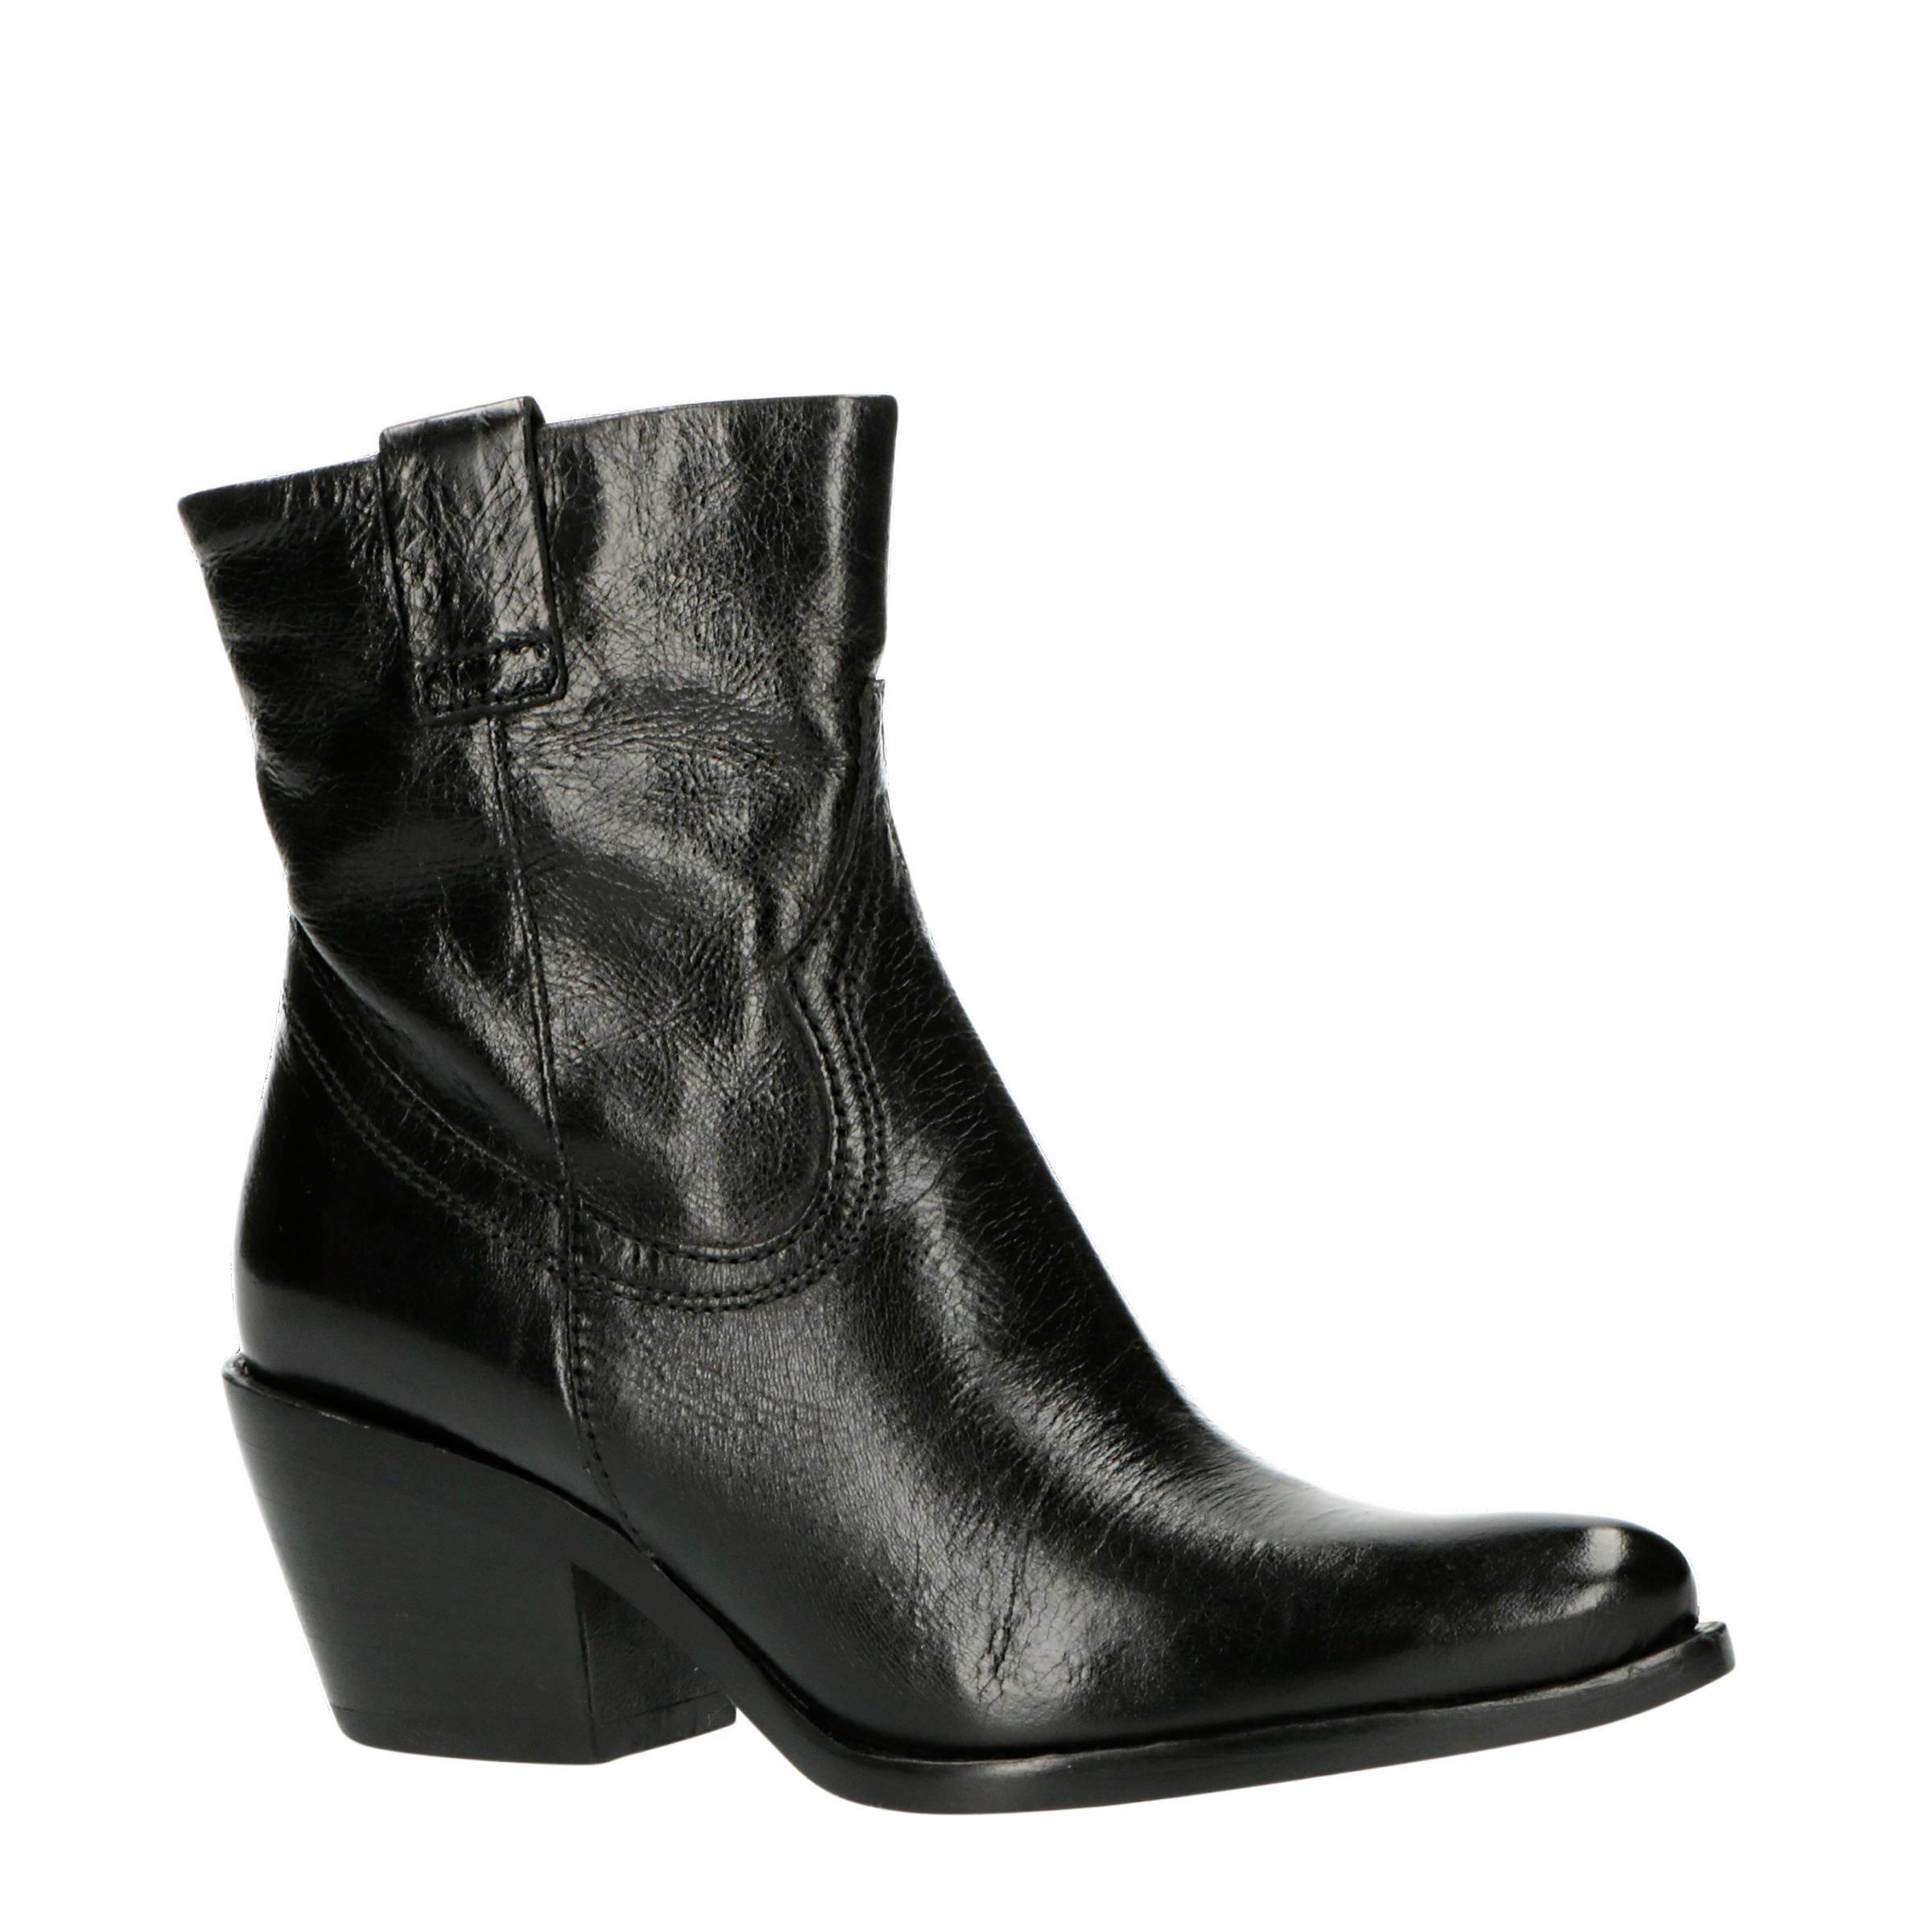 Mjus laarzen voor dames kopen Vind jouw Mjus laarzen voor